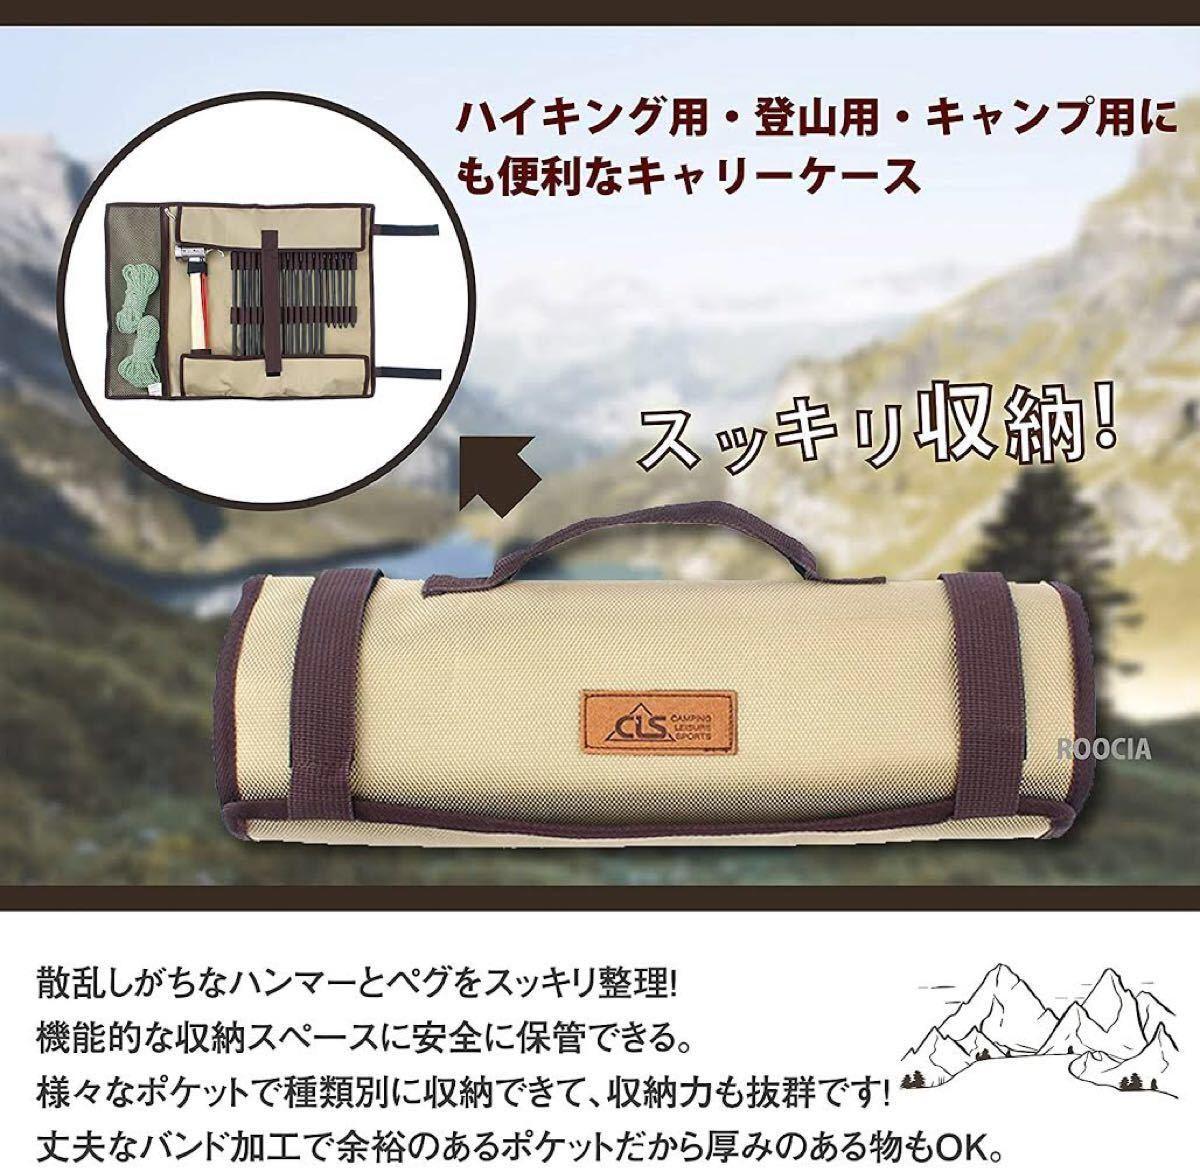 フルセット割引価格!ペグケース+ペグ+ハンマー付 収納 バッグ 登山 キャンプ用 スノーピーク  ツールセット ソケット